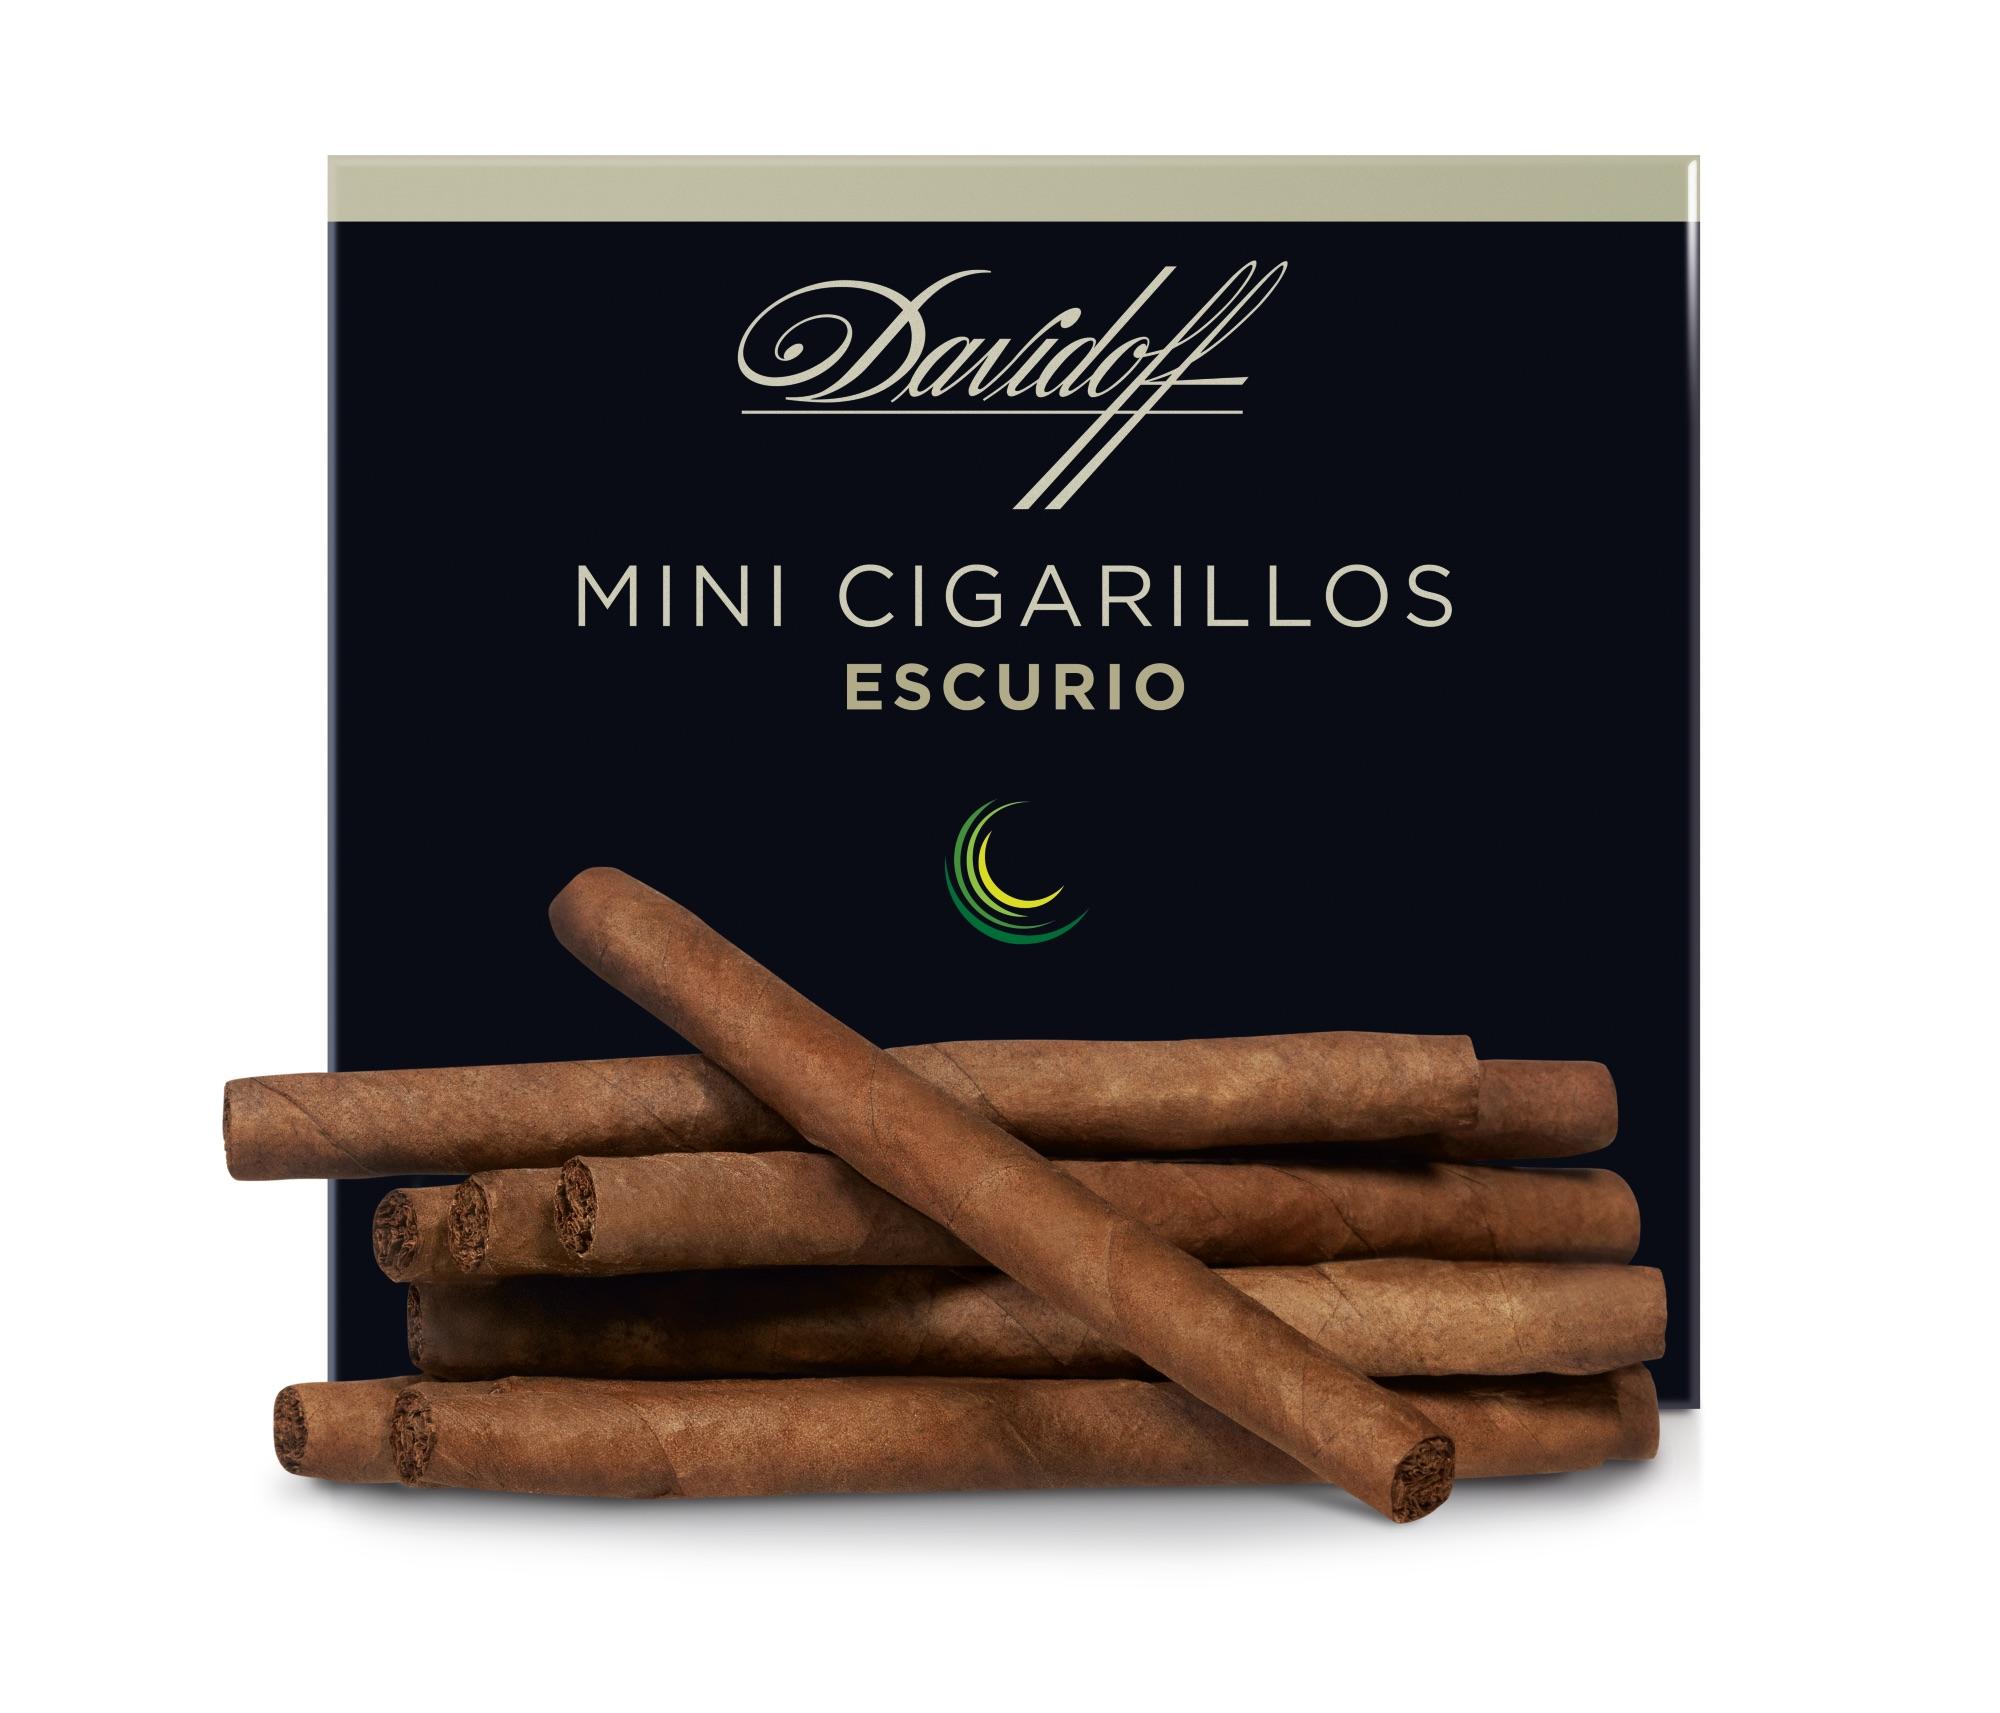 Davidoff Escurio Mini Cigarillos